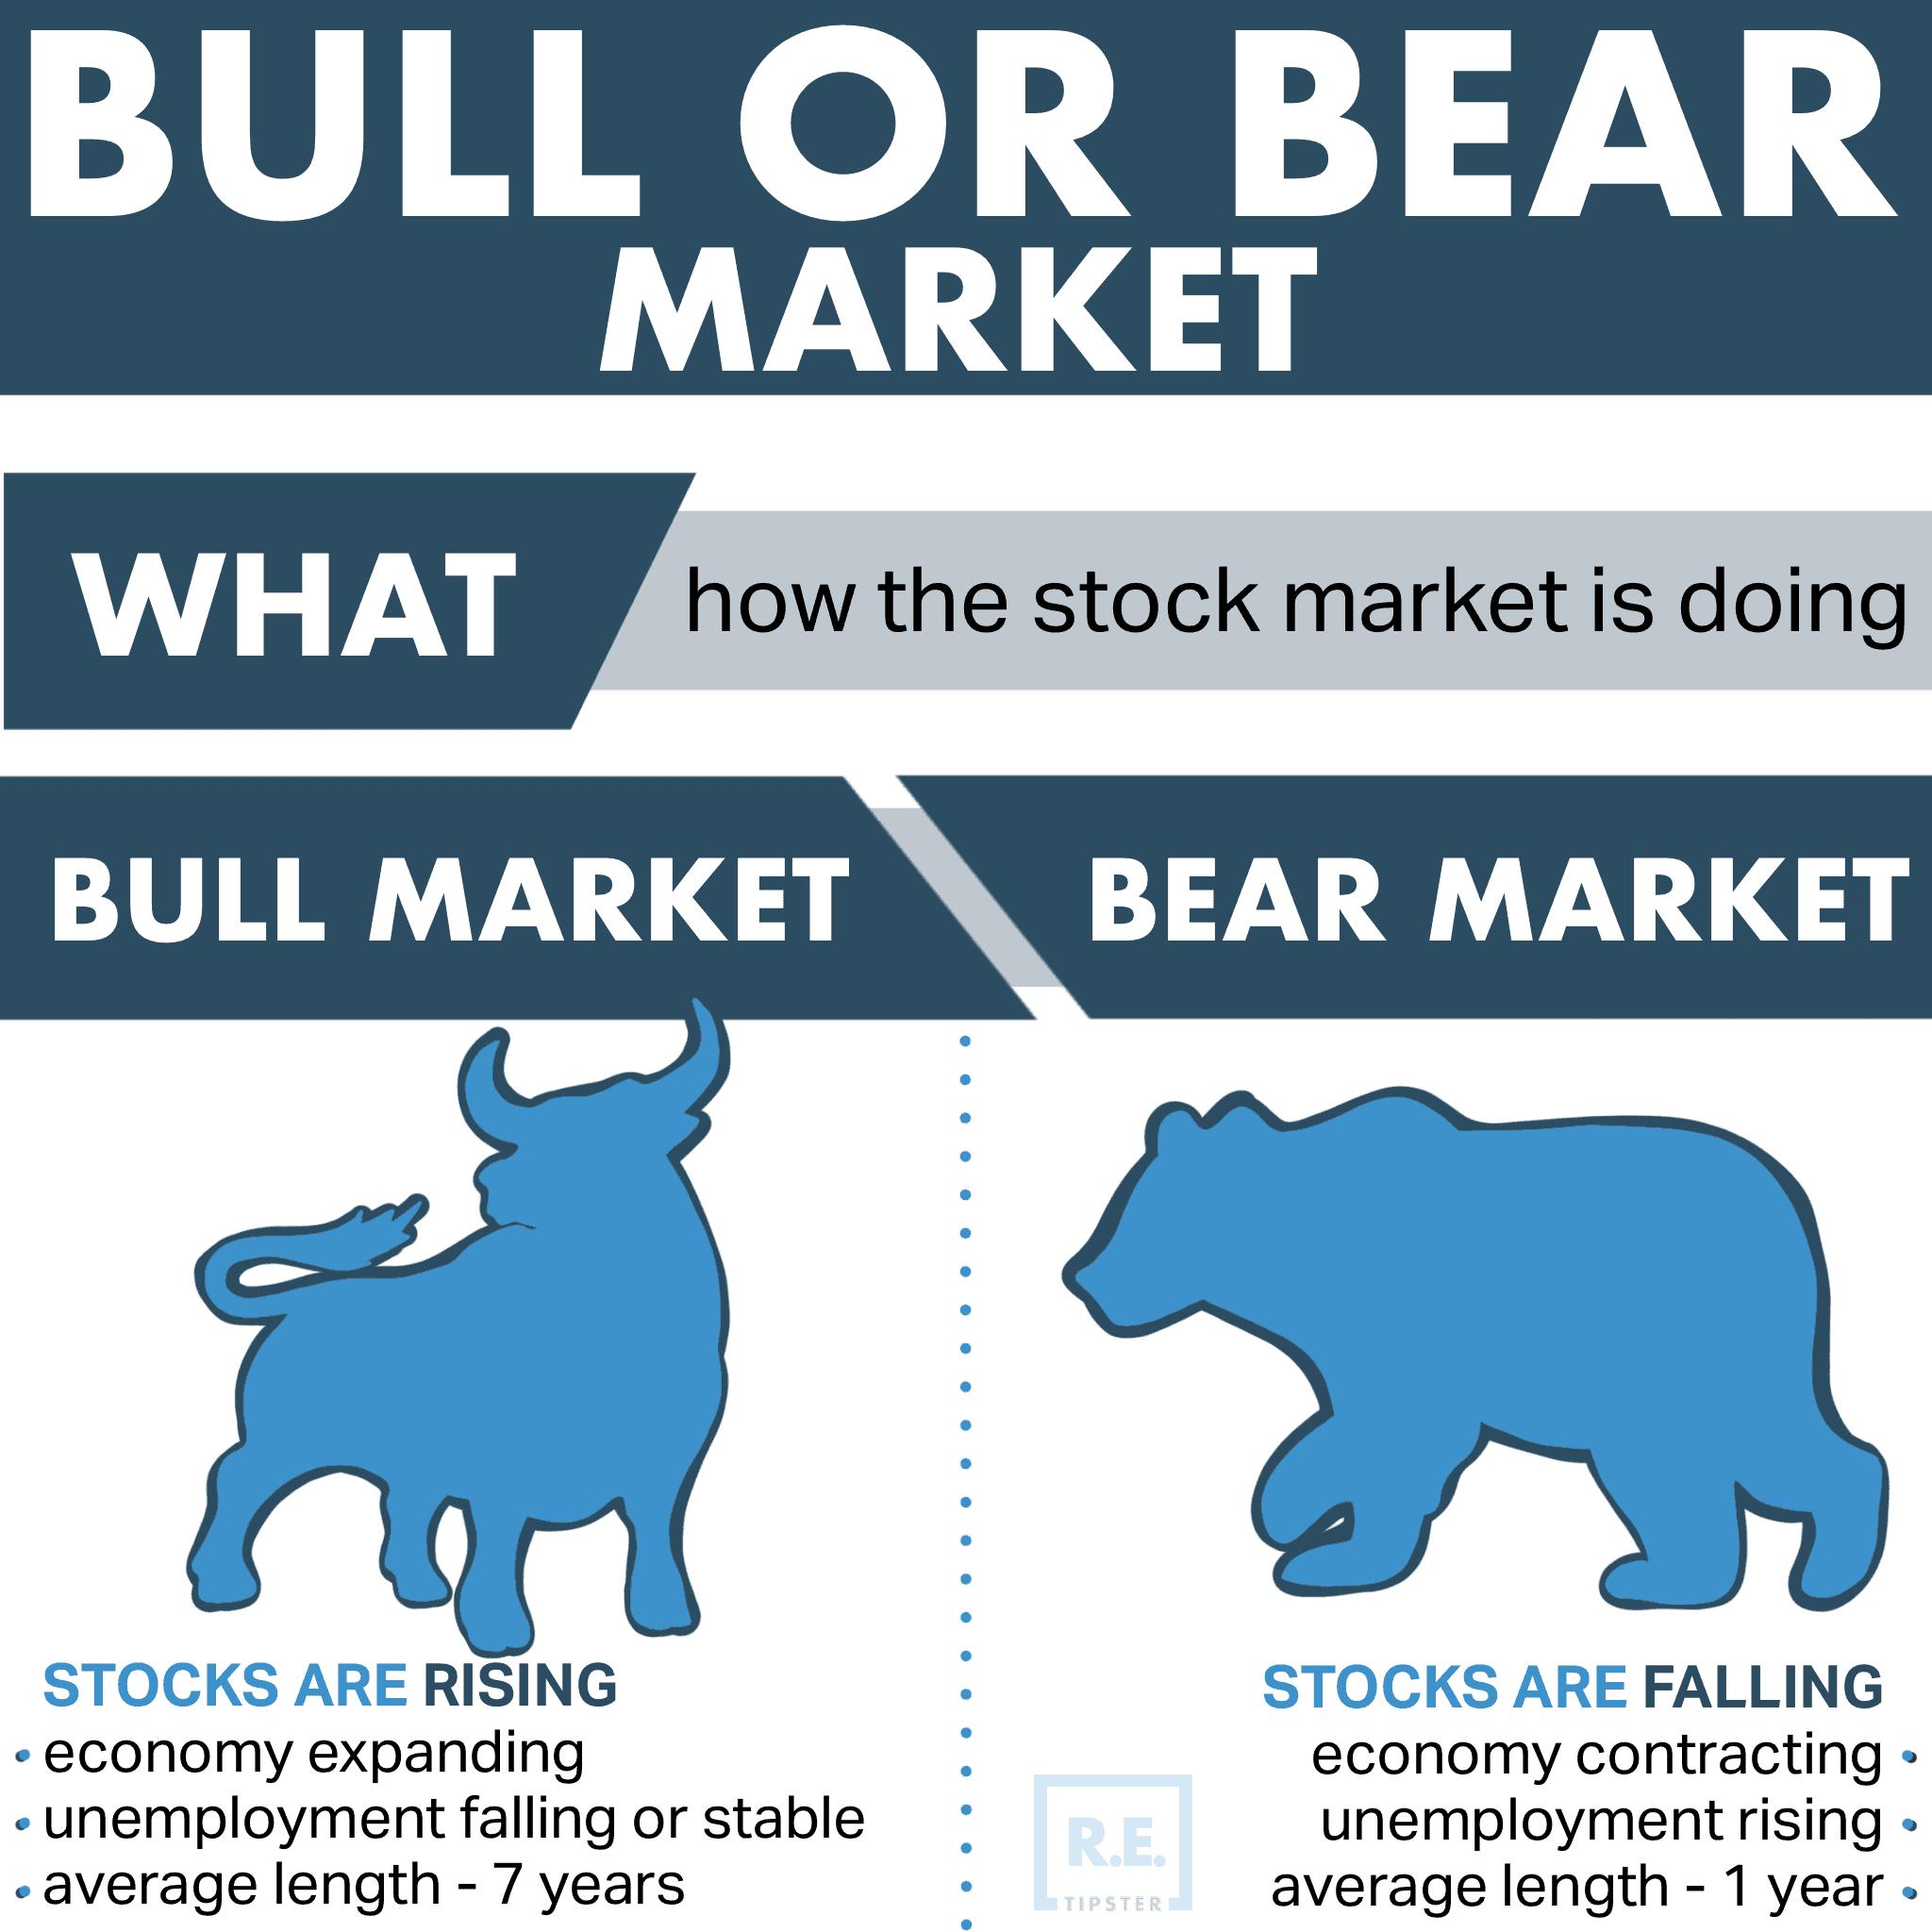 Bull_or_Bear_Market_Infographic